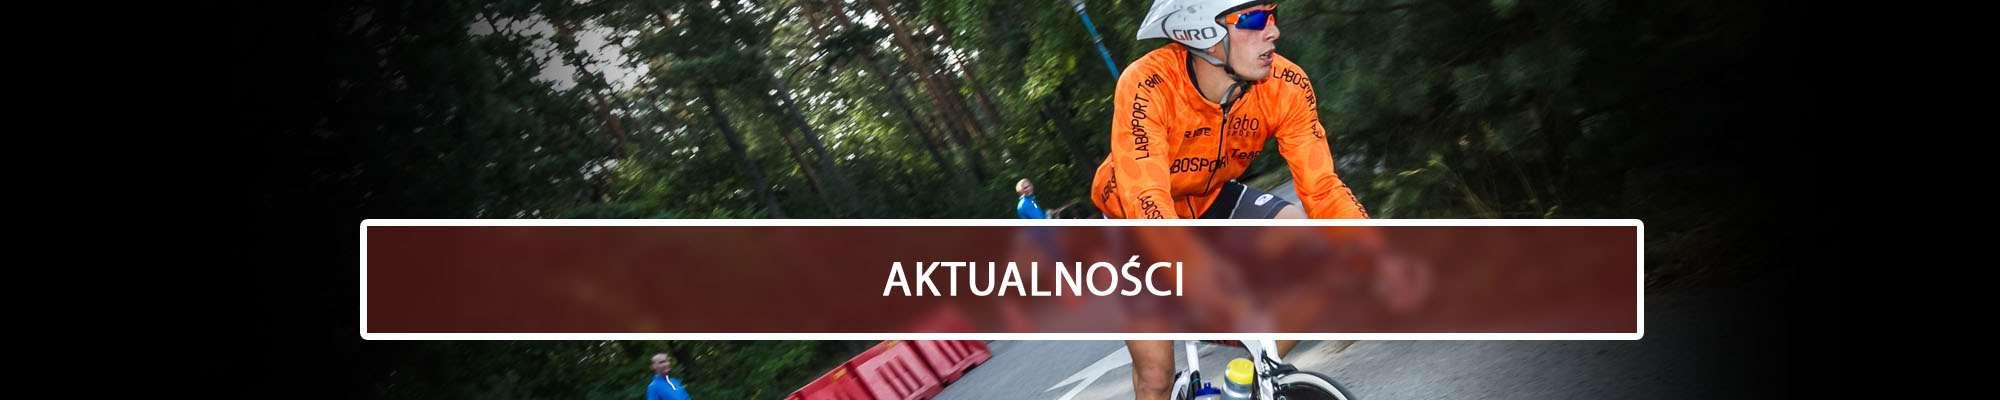 Aktualności - Triathlon Polska Bydgoszcz Borówno